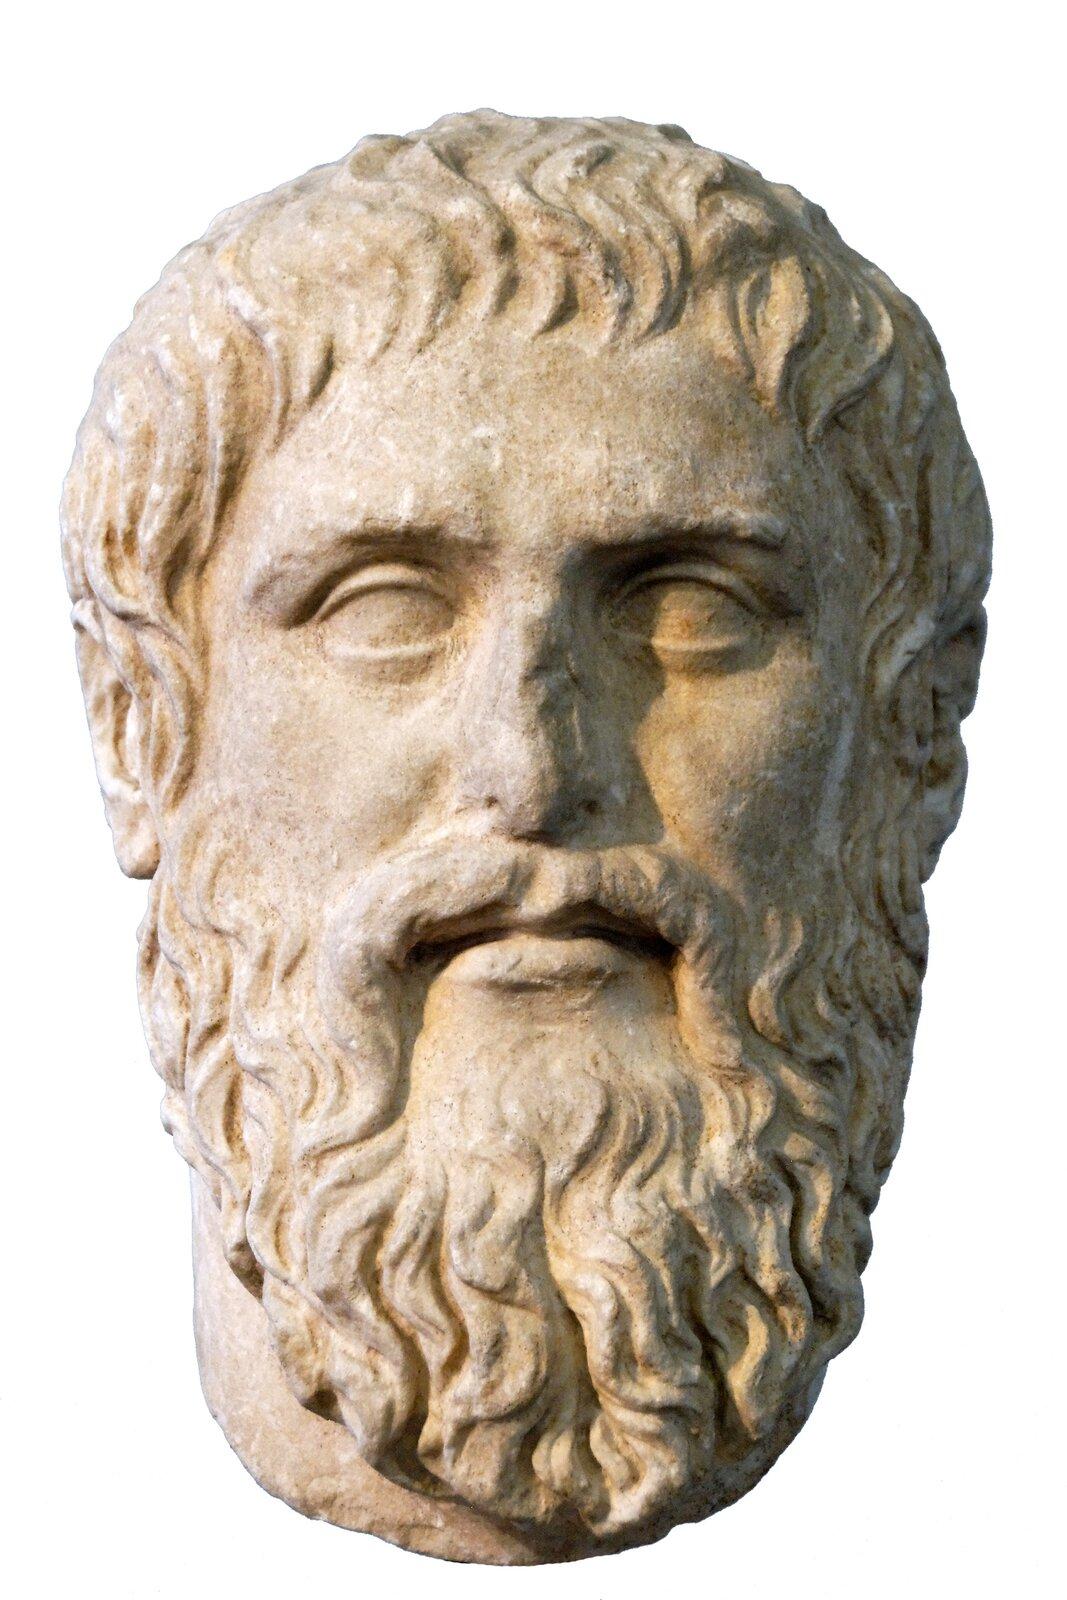 Popiersie Platona (kopia rzeźby Silaniona) Popiersie Platona (kopia rzeźby Silaniona) Źródło: Marie-Lan Nguyen, Muzea Kapitolińskie, licencja: CC BY-SA 2.5.